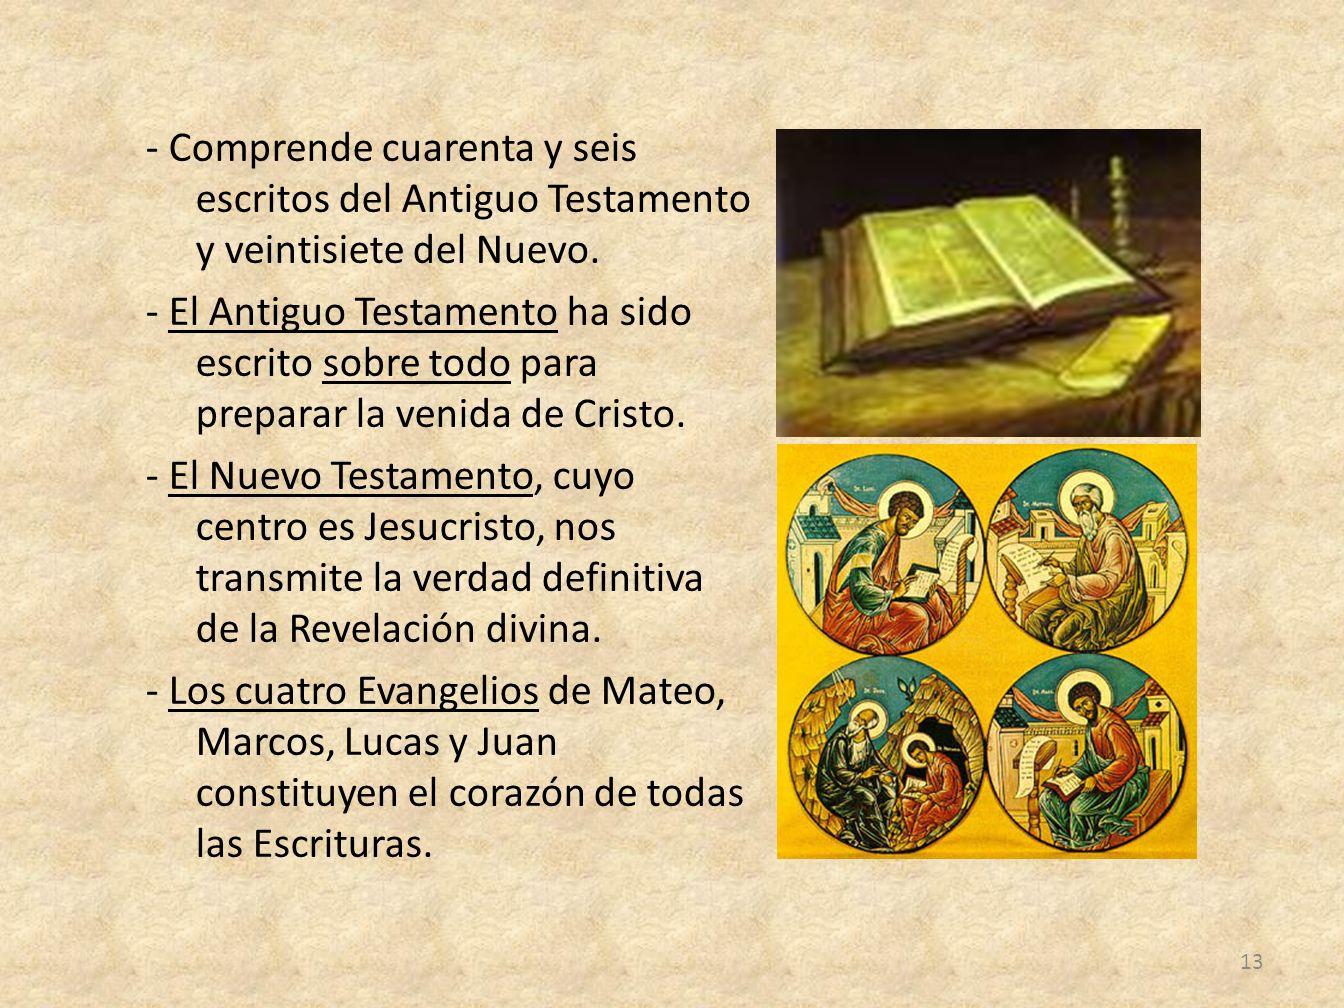 - Comprende cuarenta y seis escritos del Antiguo Testamento y veintisiete del Nuevo.